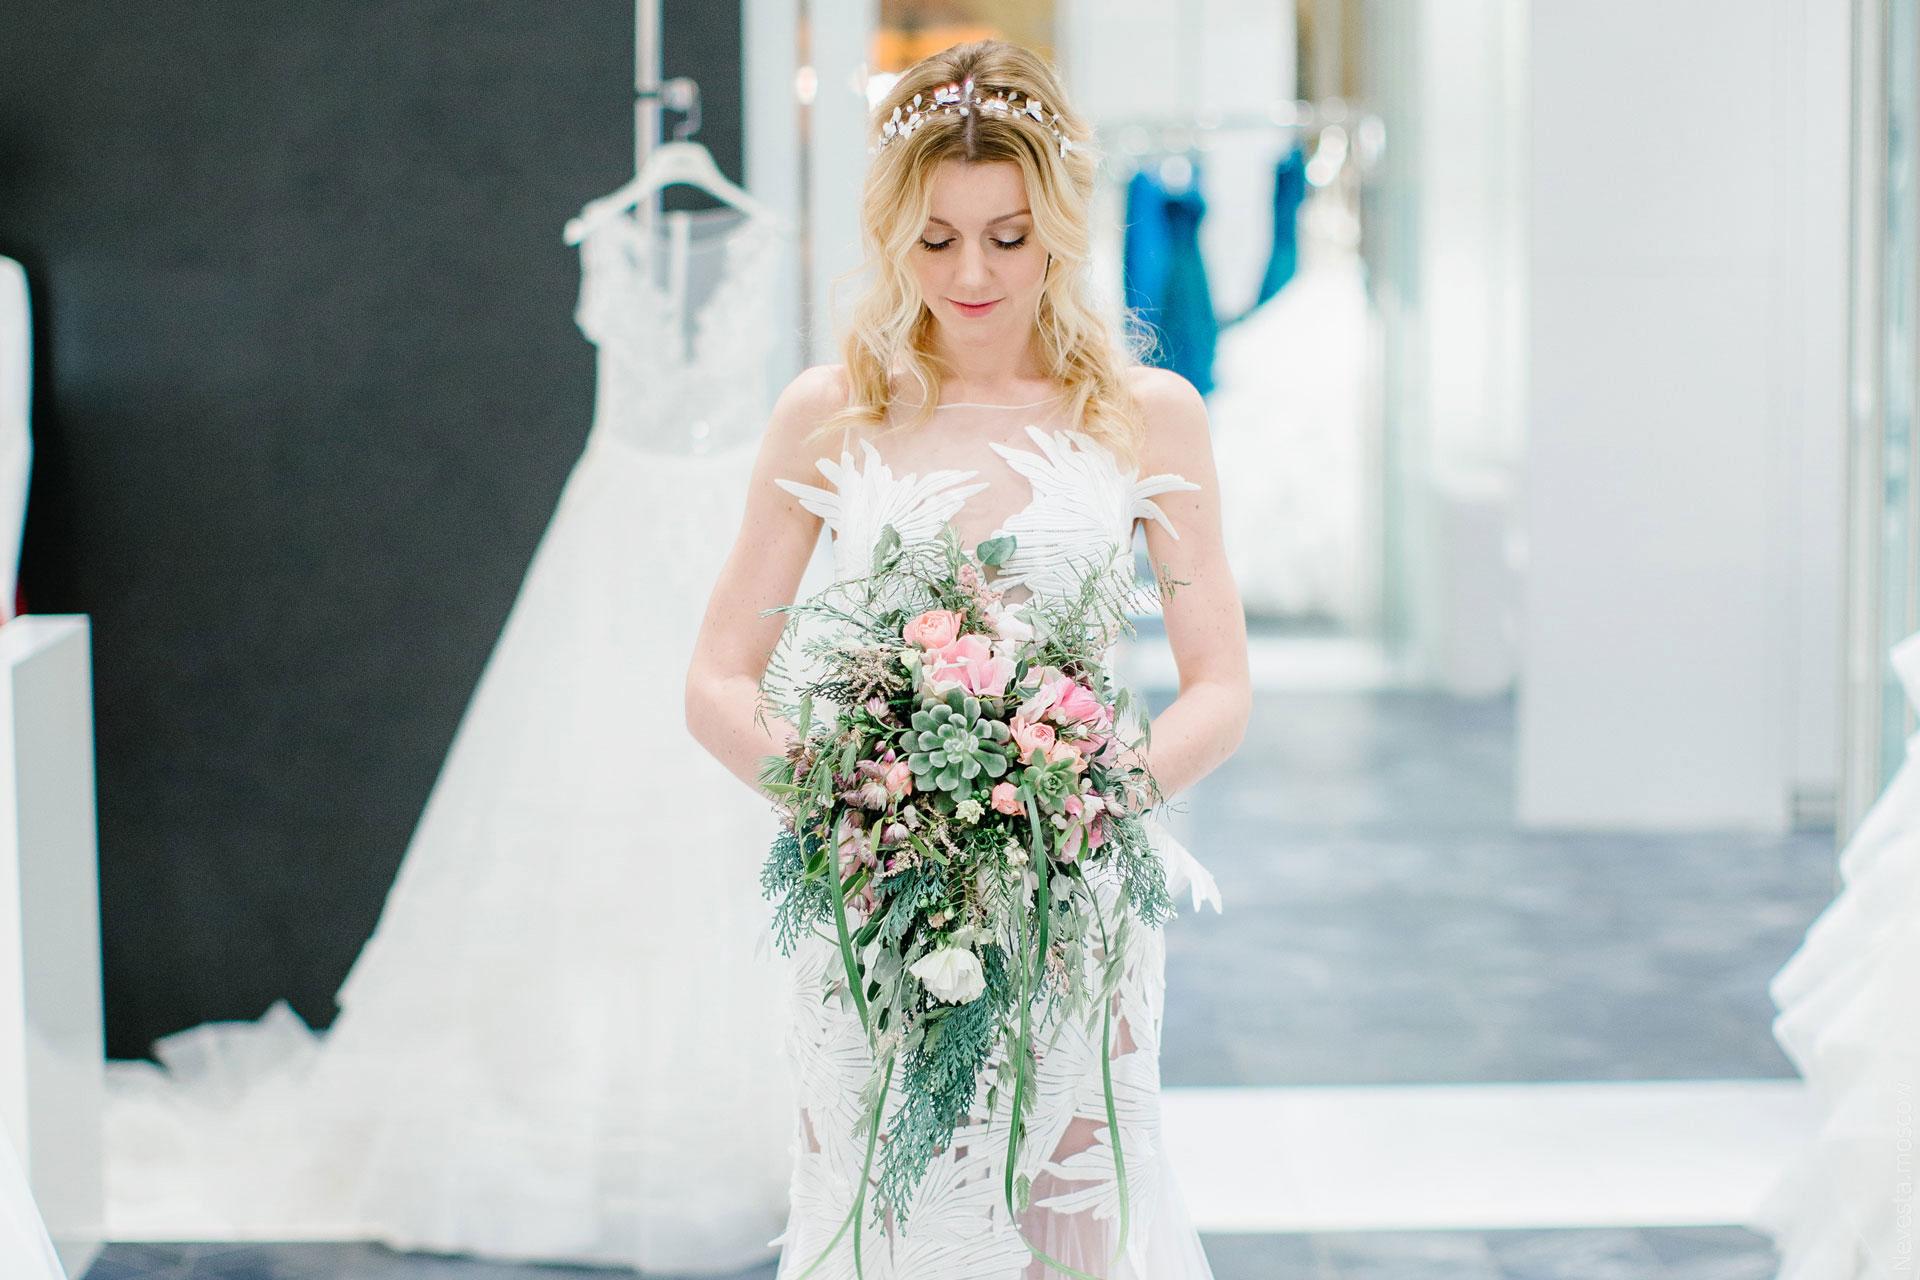 Образ для свадьбы фото